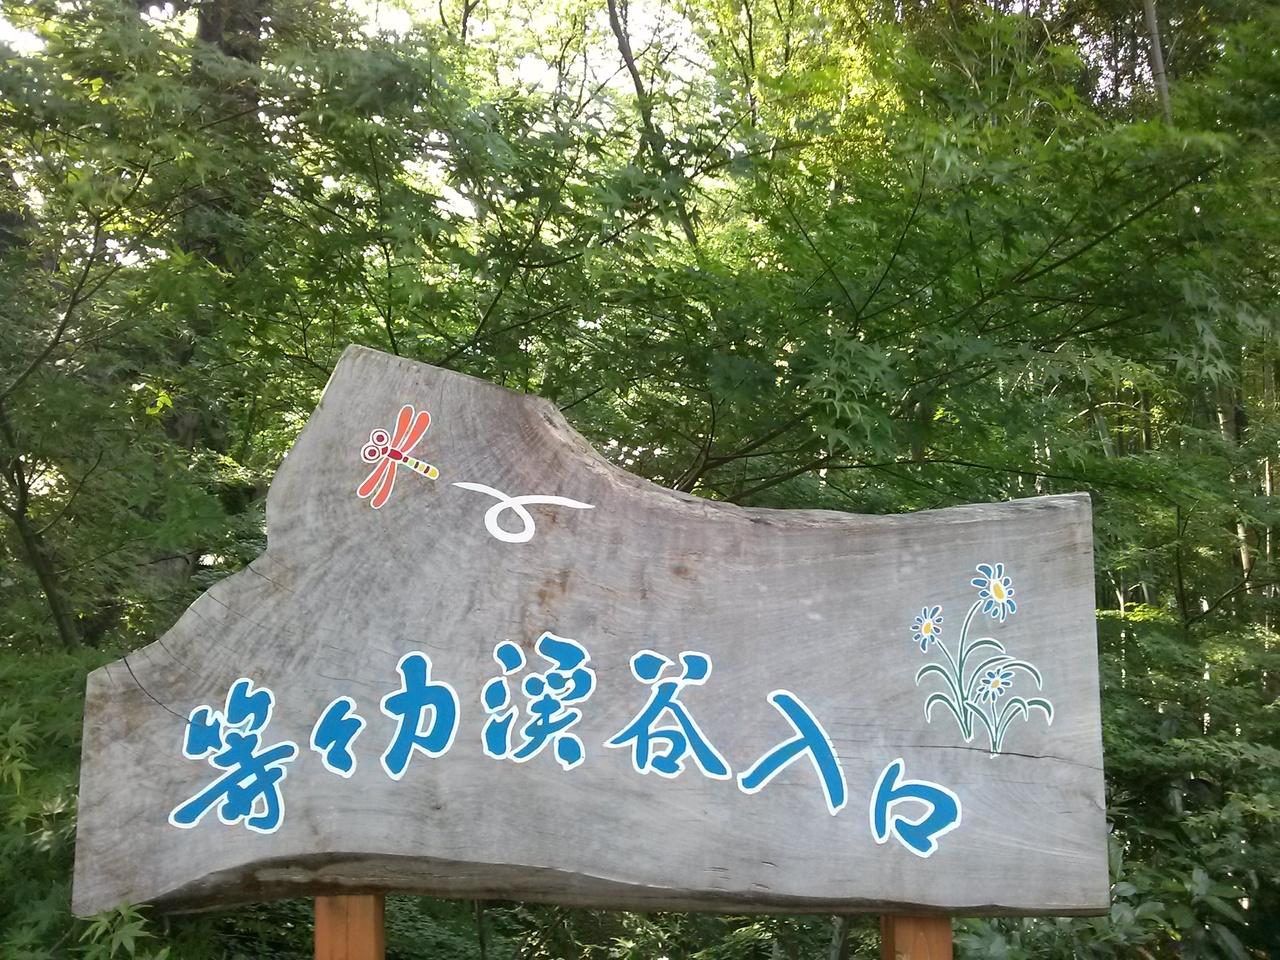 等々力いく - JapaneseClass.jp